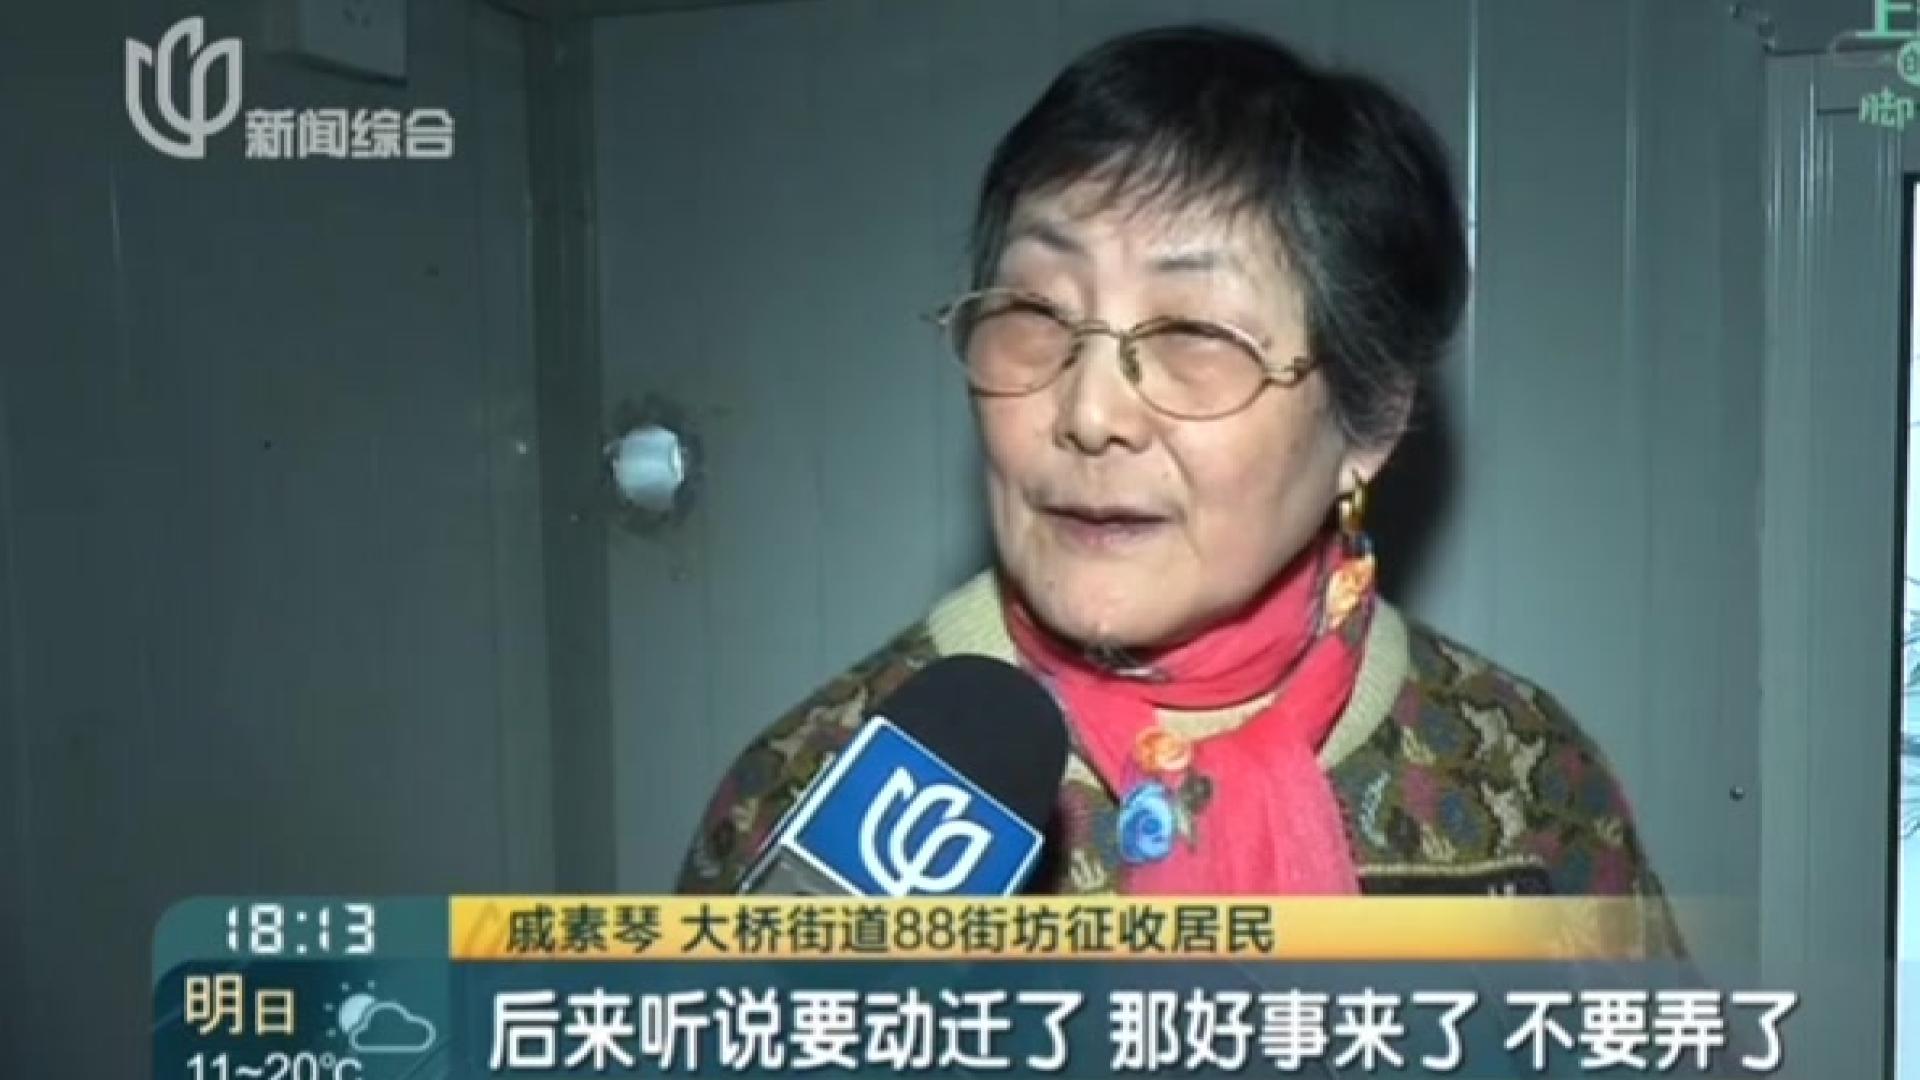 """大桥下的旧改""""加速度"""":大桥街道88街坊征收生效  杨浦全年完成征收一万户"""